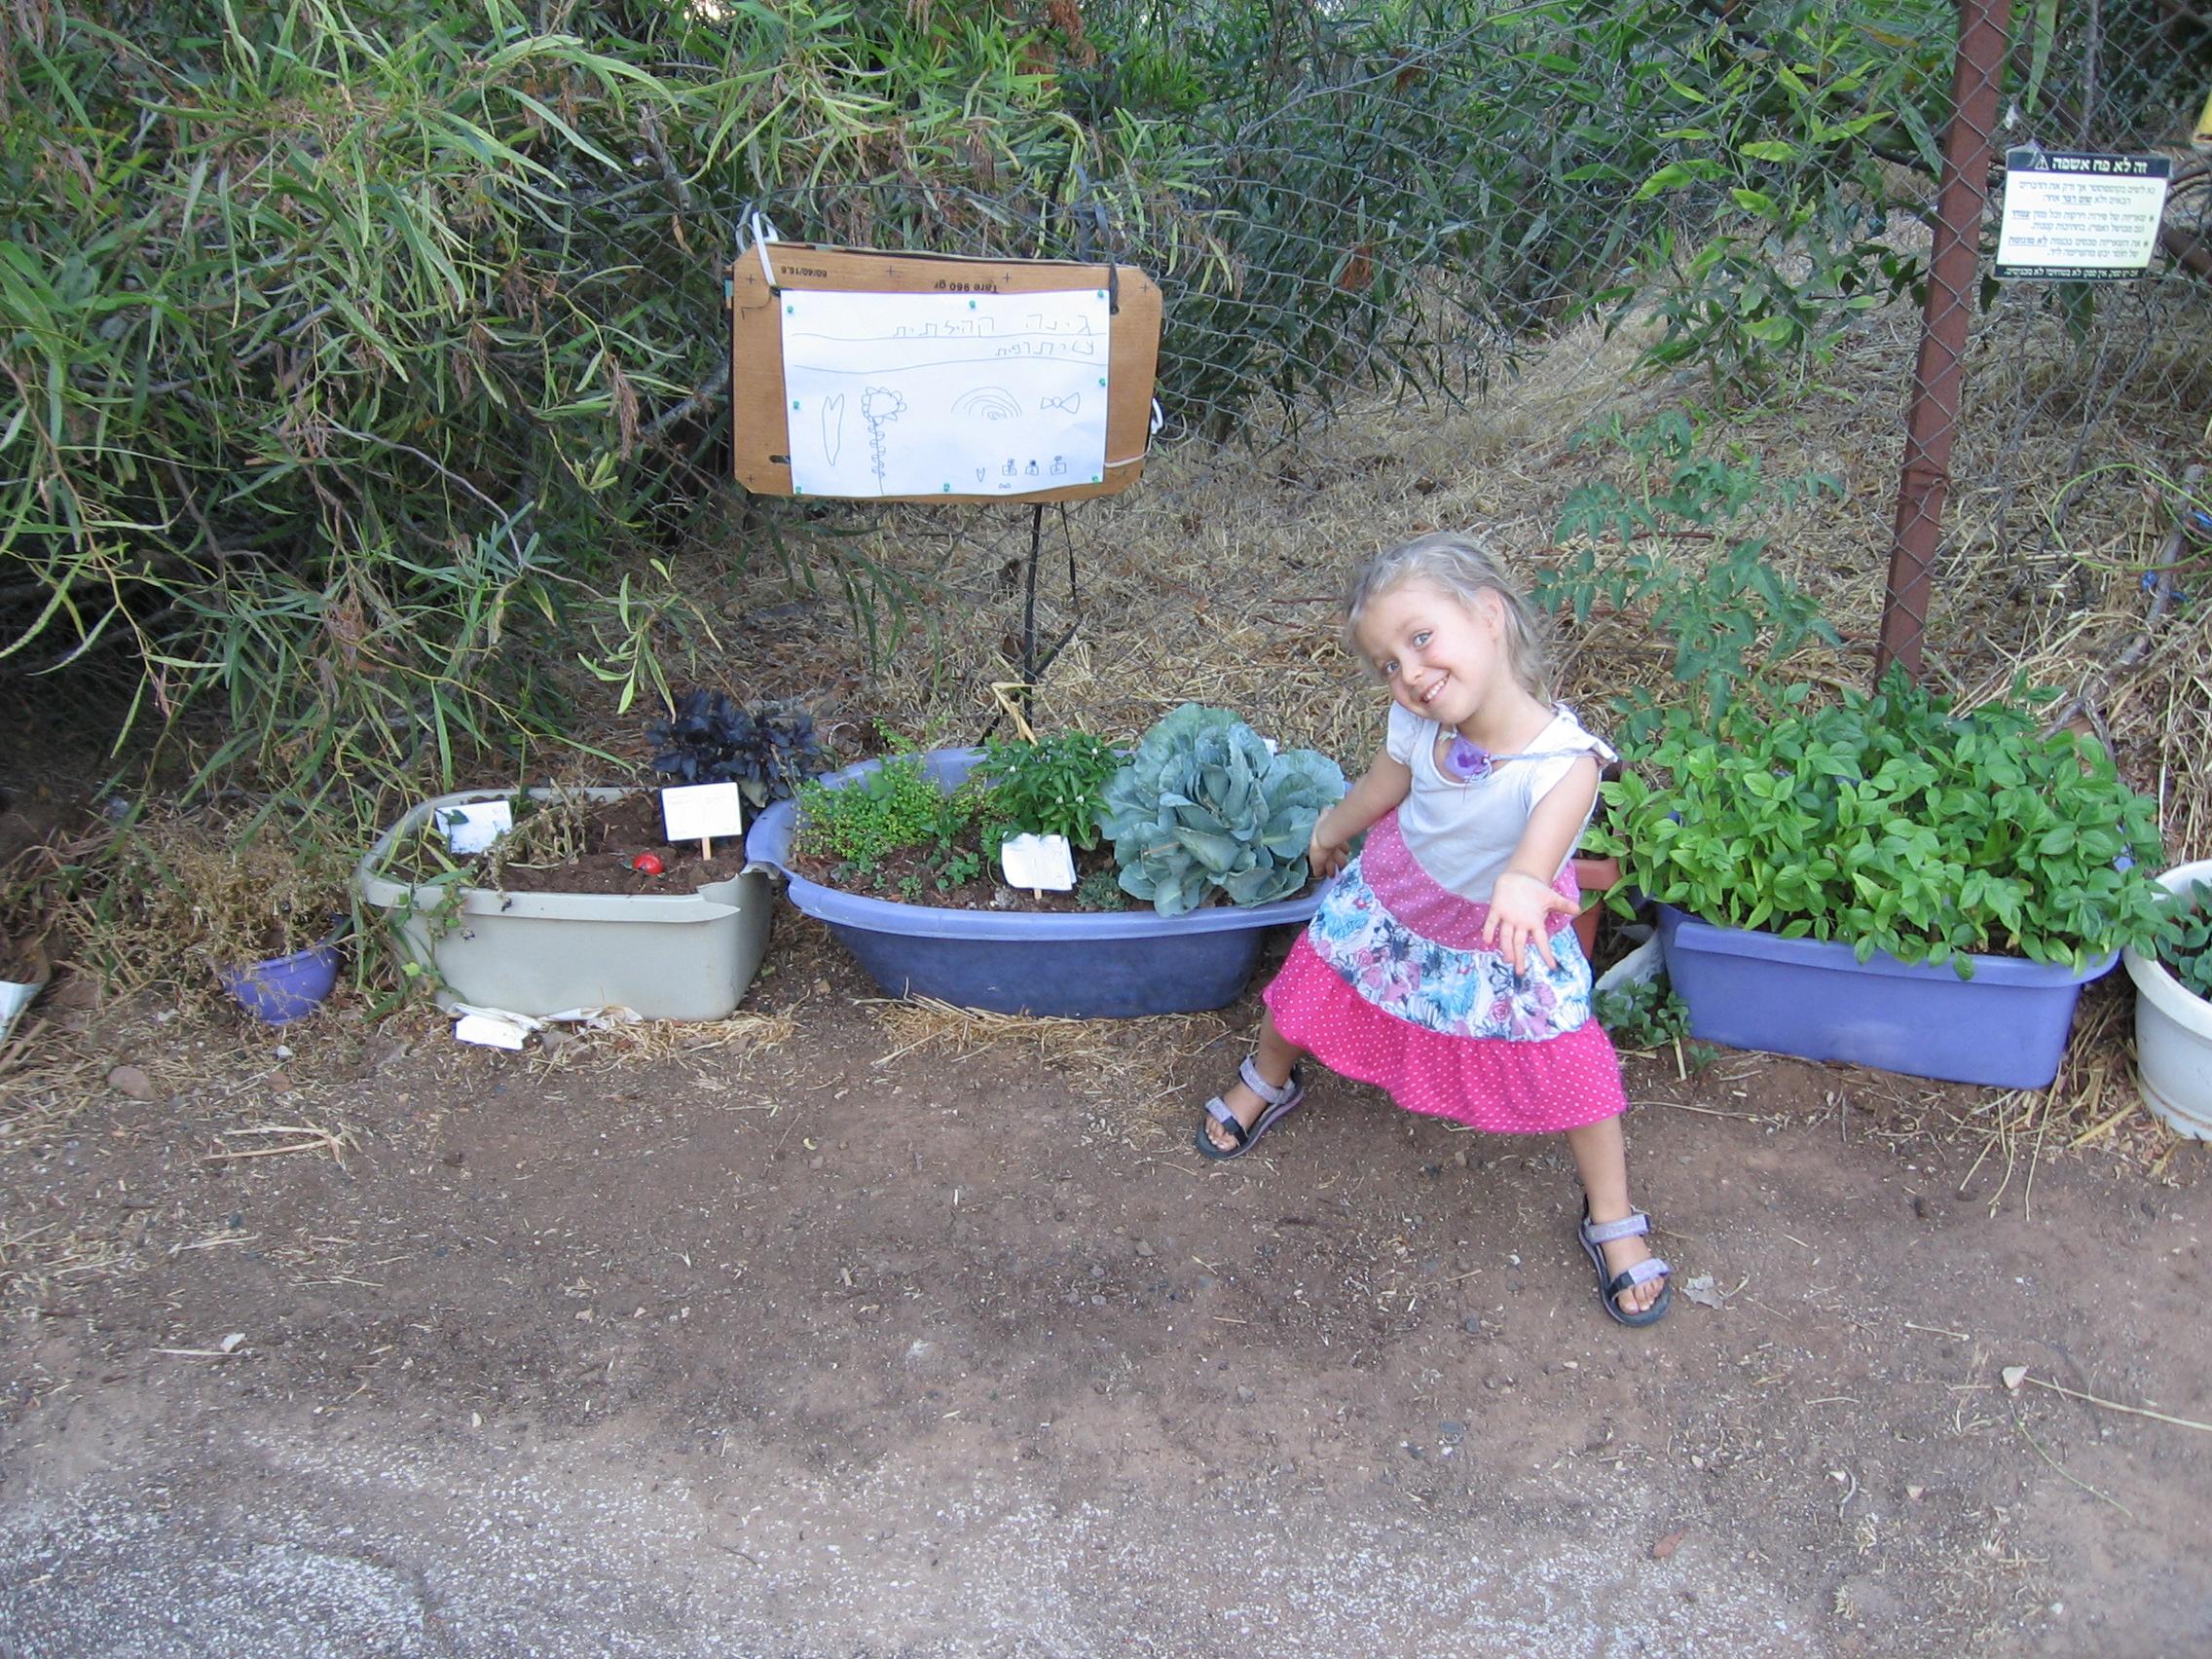 תצלום של הגינה, עם אילאיל